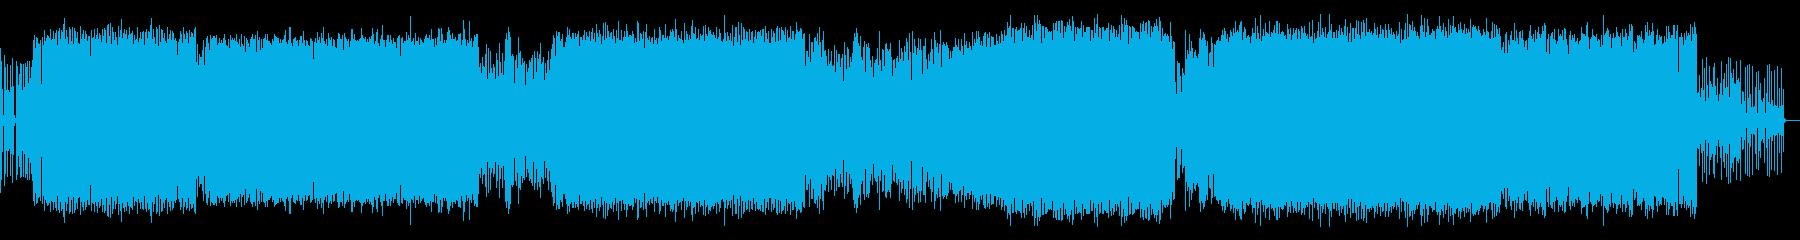 神秘的な旋律を織り交ぜたEDMの再生済みの波形